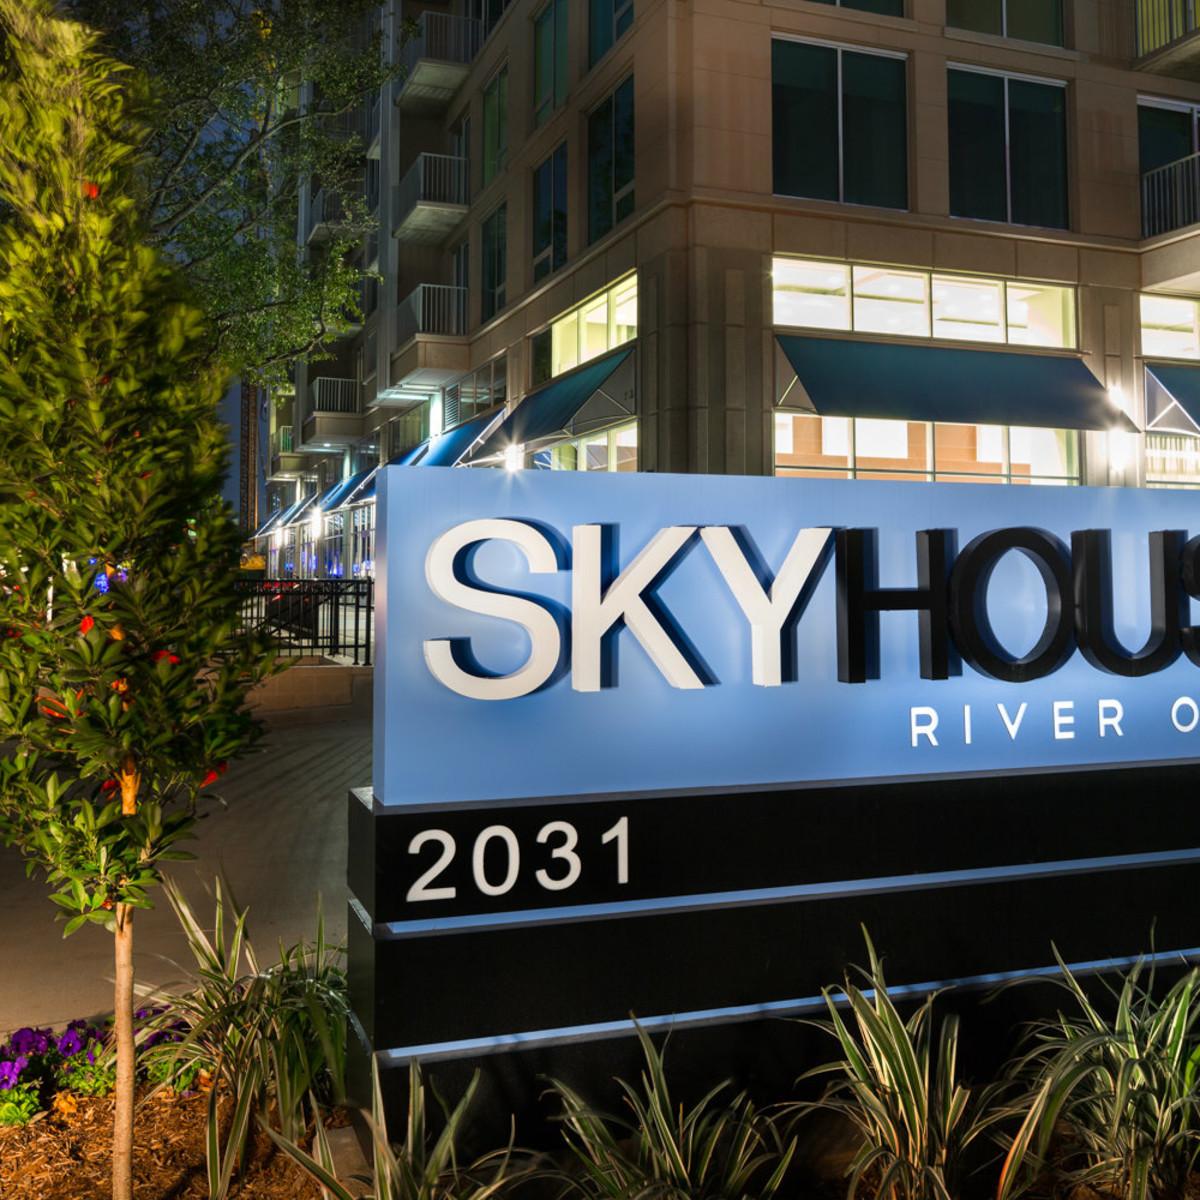 SkyHouse River Oaks